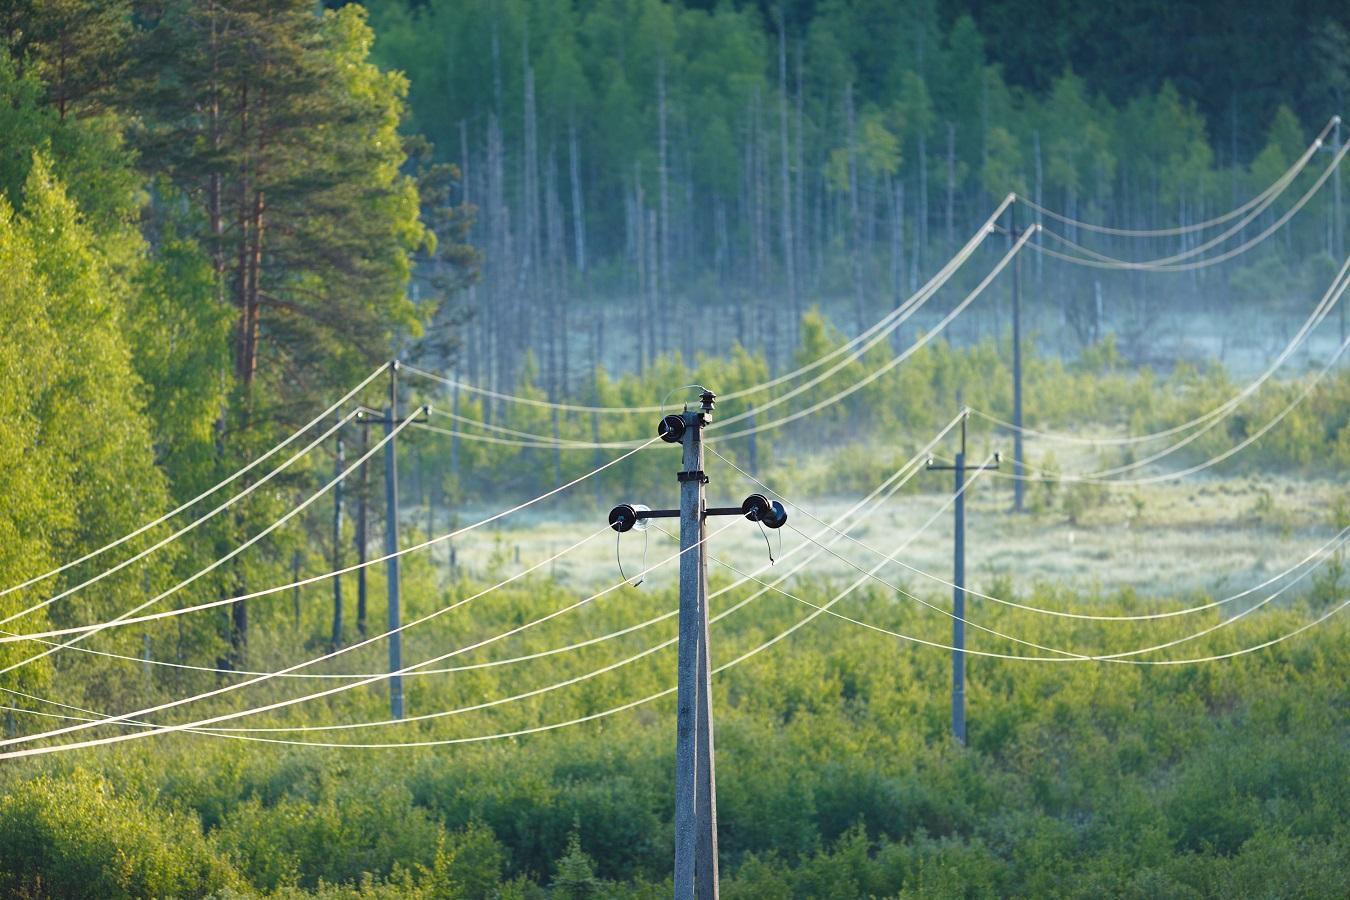 Elektrilevi võrguteenuse hind langeb 1. novembrist